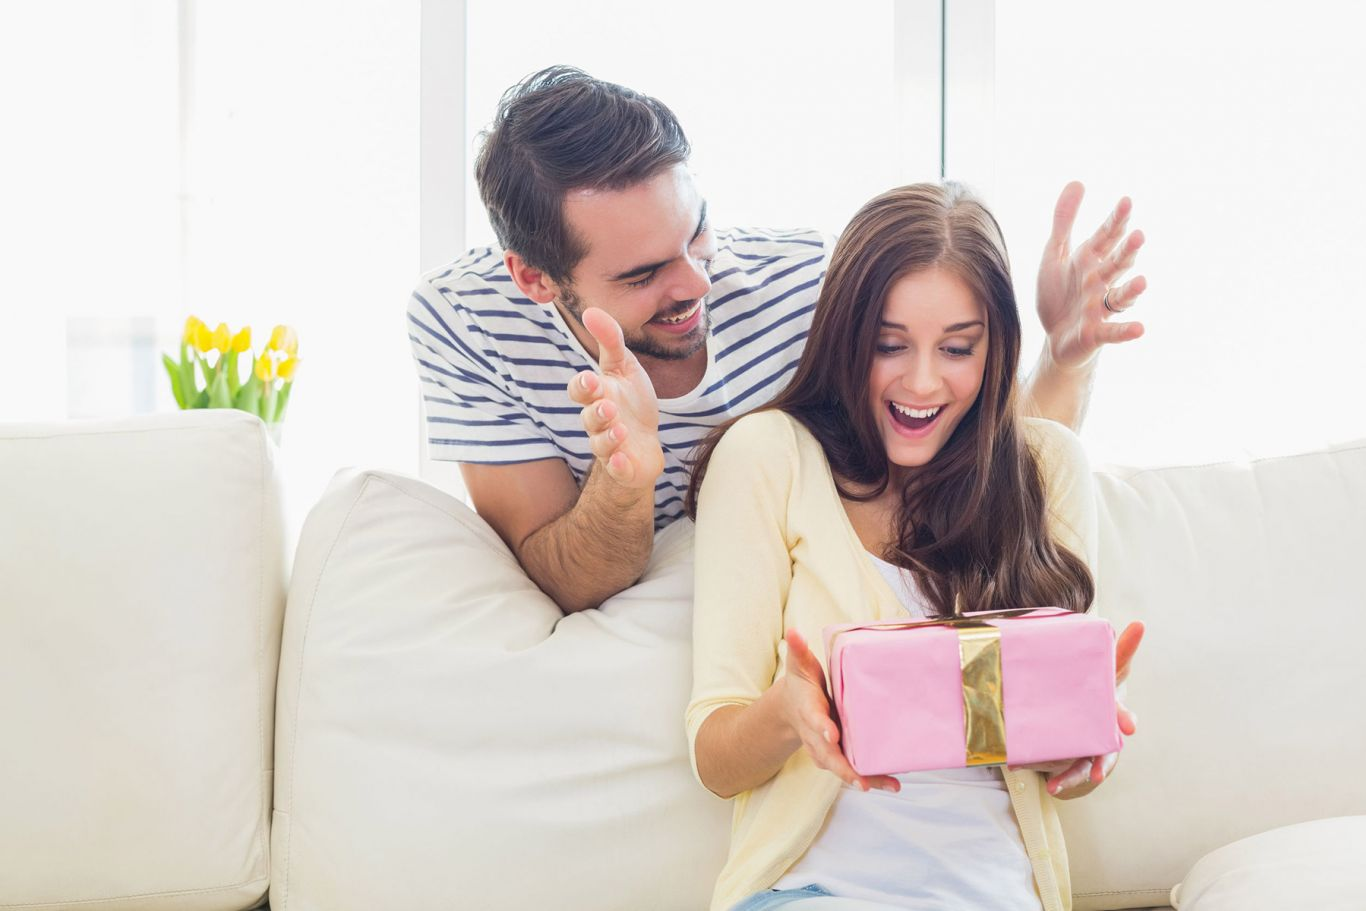 Liebevolle Geschenke für die Freundin | ideas in boxes Blog